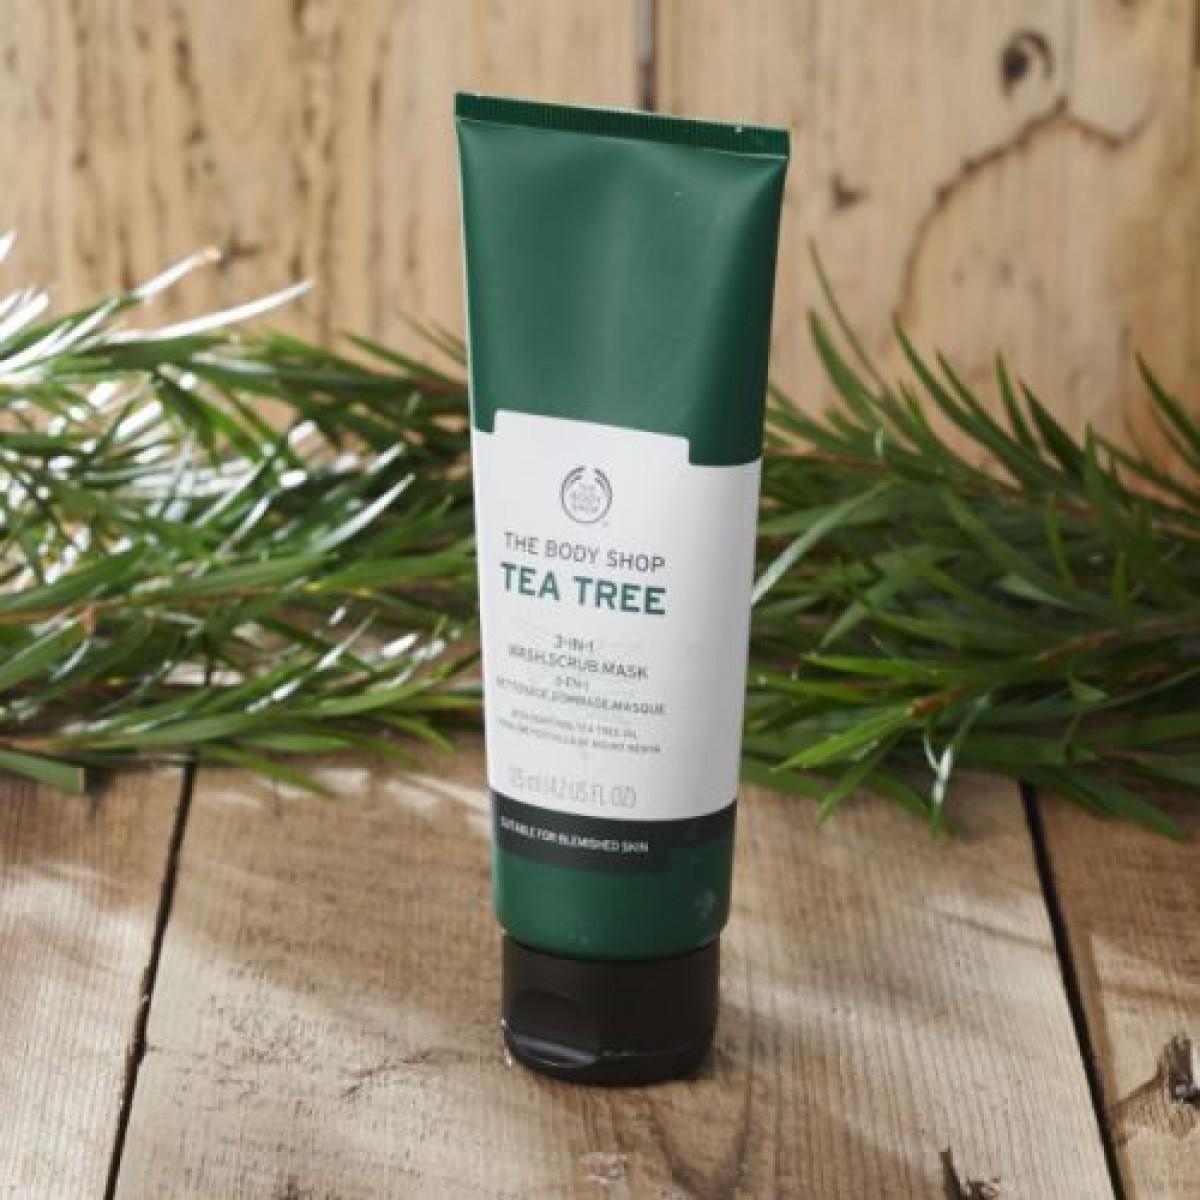 【数量限定】ニキビに厳しく、肌に優しく。TEA TREEから登場した洗顔料をcheck!